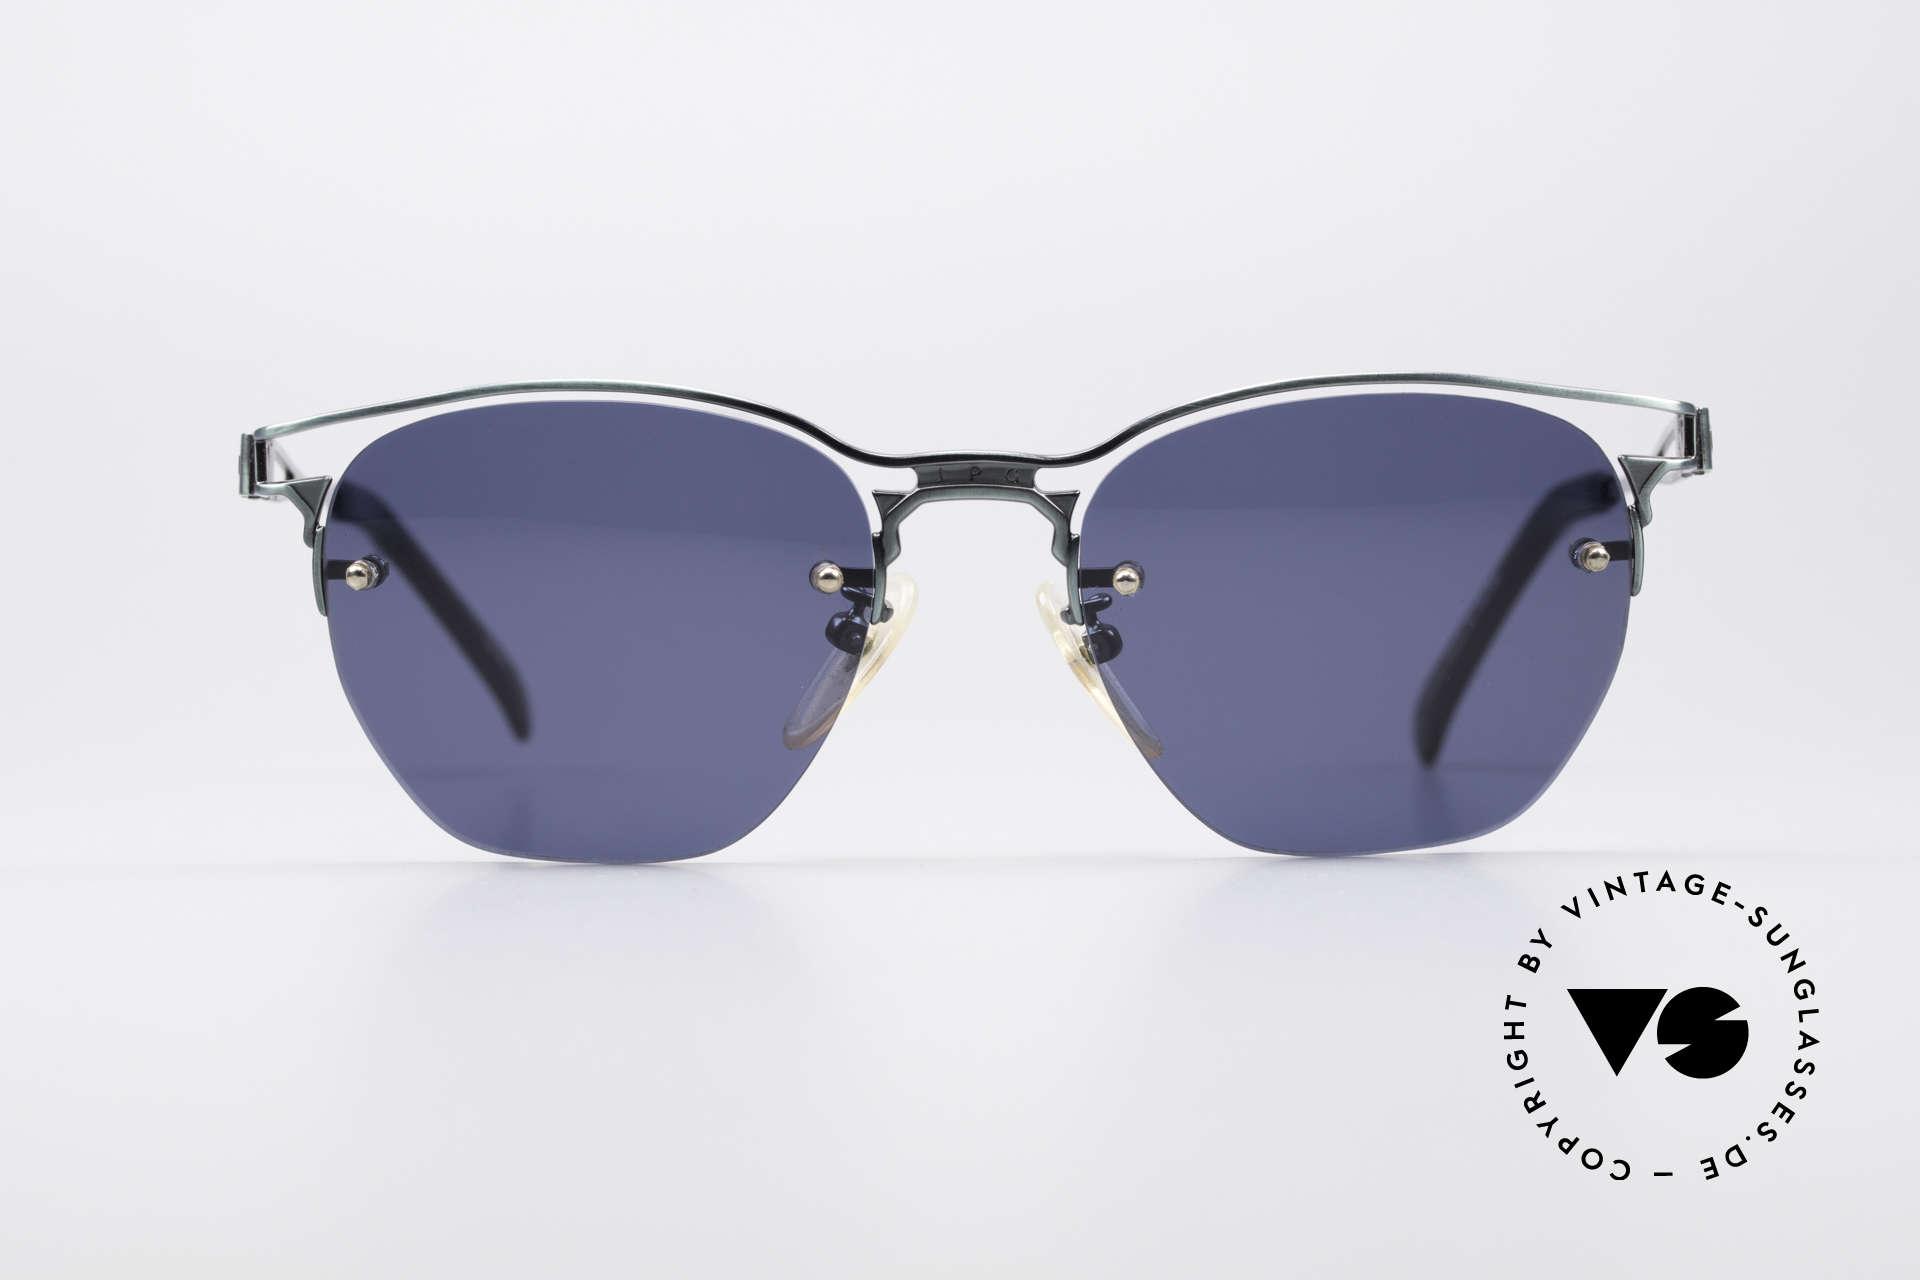 Jean Paul Gaultier 56-2173 Echt Vintage No Retro Brille, geniale Kombination von Gläsern und Rahmen, Passend für Herren und Damen